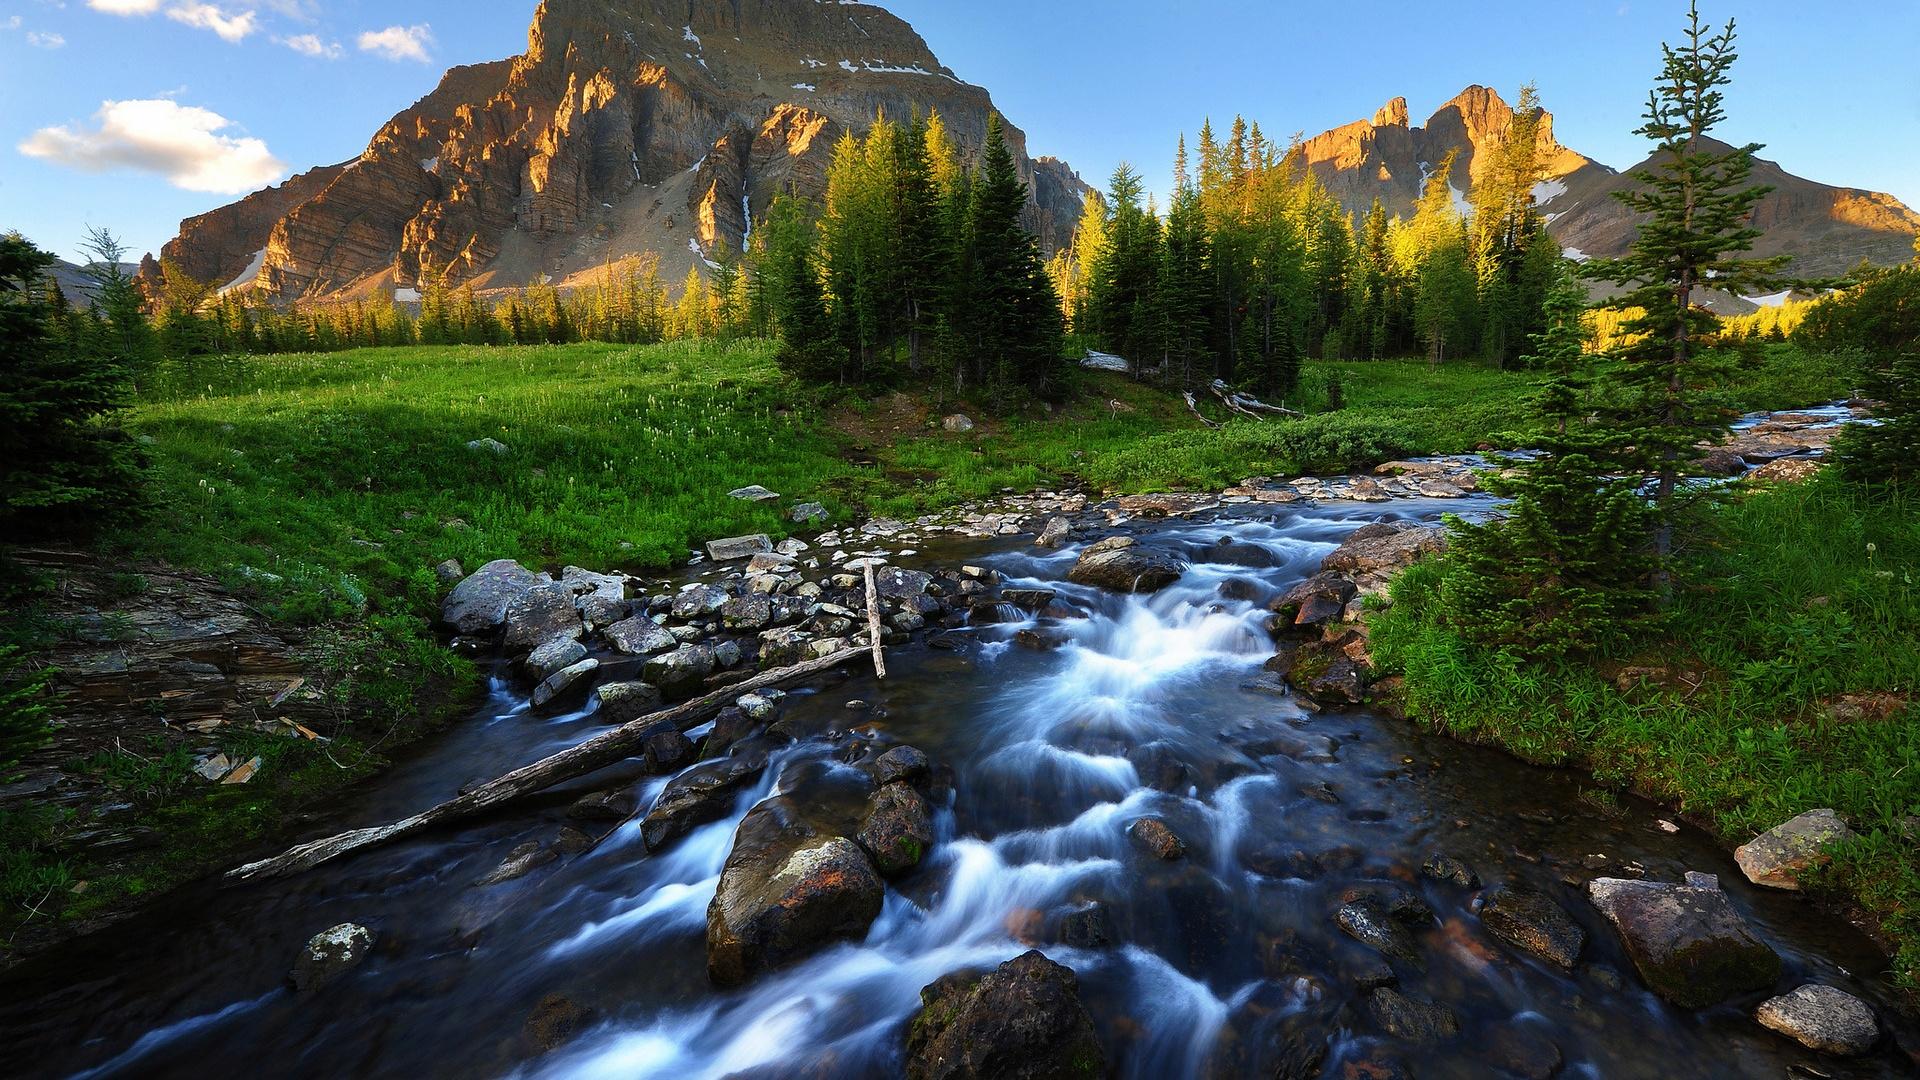 ... River Wallpaper · River Wallpaper